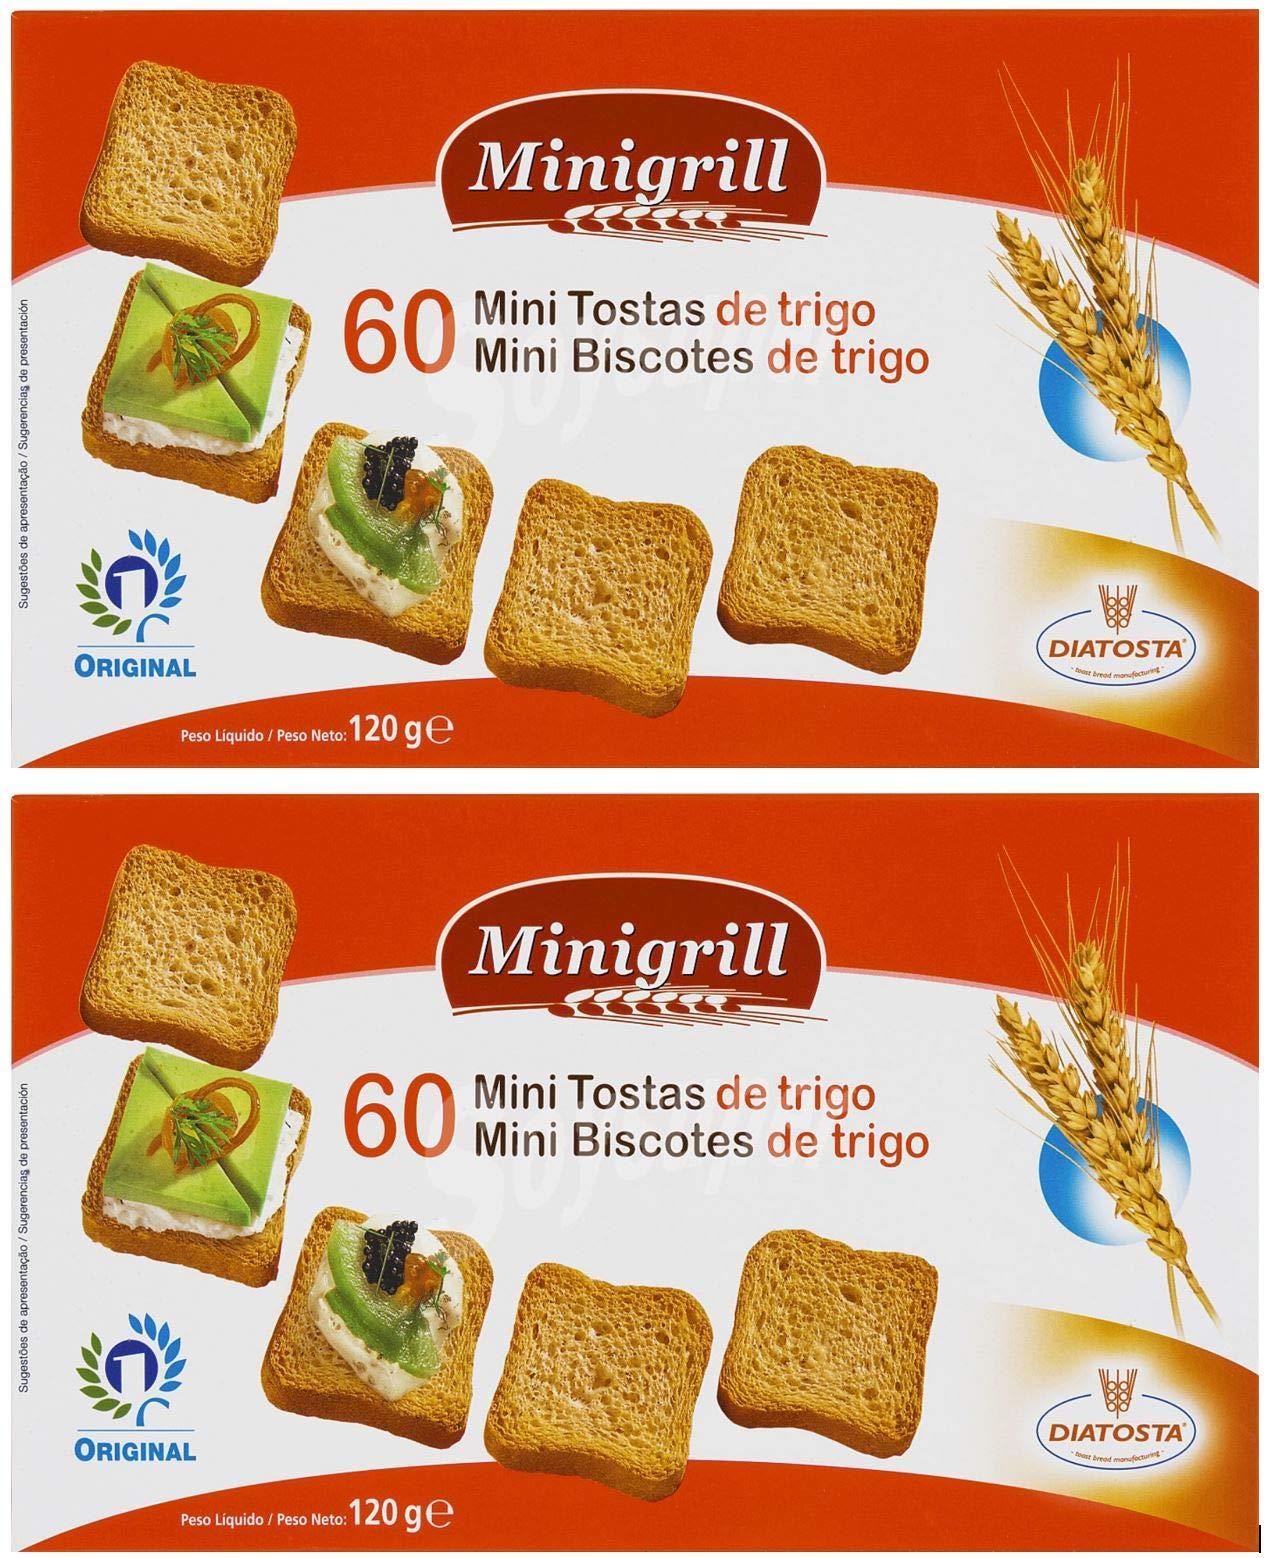 Minigrill Diatosta Wheat Flour Mini Toast Mini Biscottes 4.3 oz. (Pack of 2) 60 Per Box by Minigrill